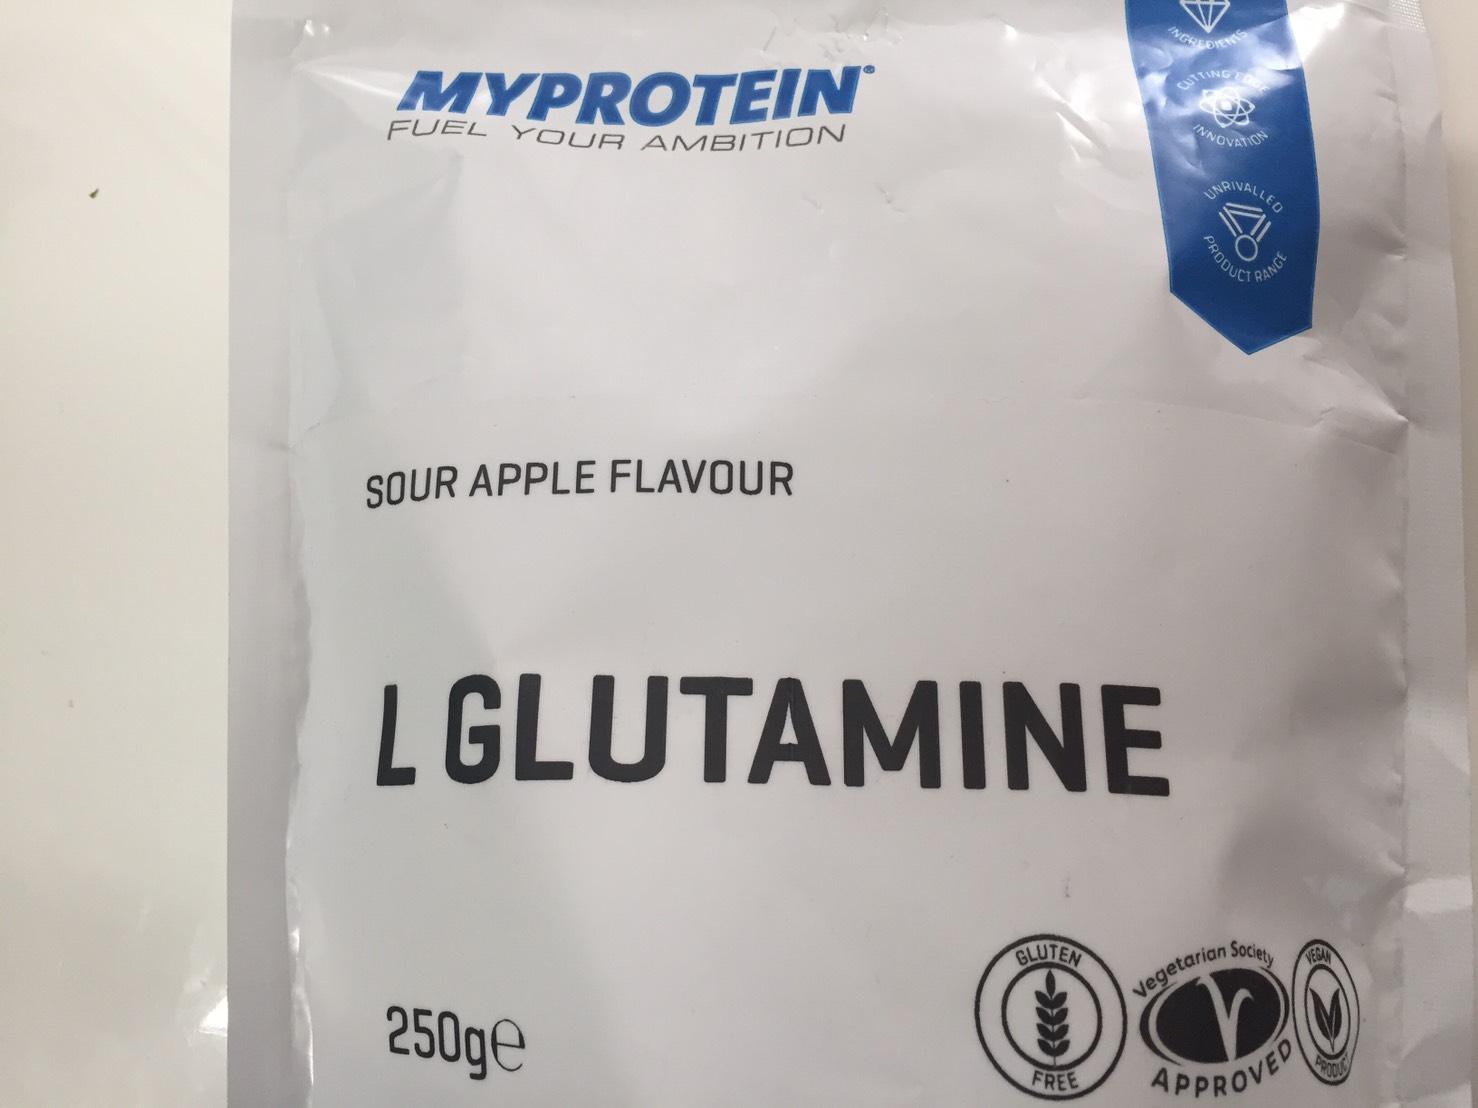 L-グルタミン「SOUR APPLE FLAVOUR(サワーアップル味)」